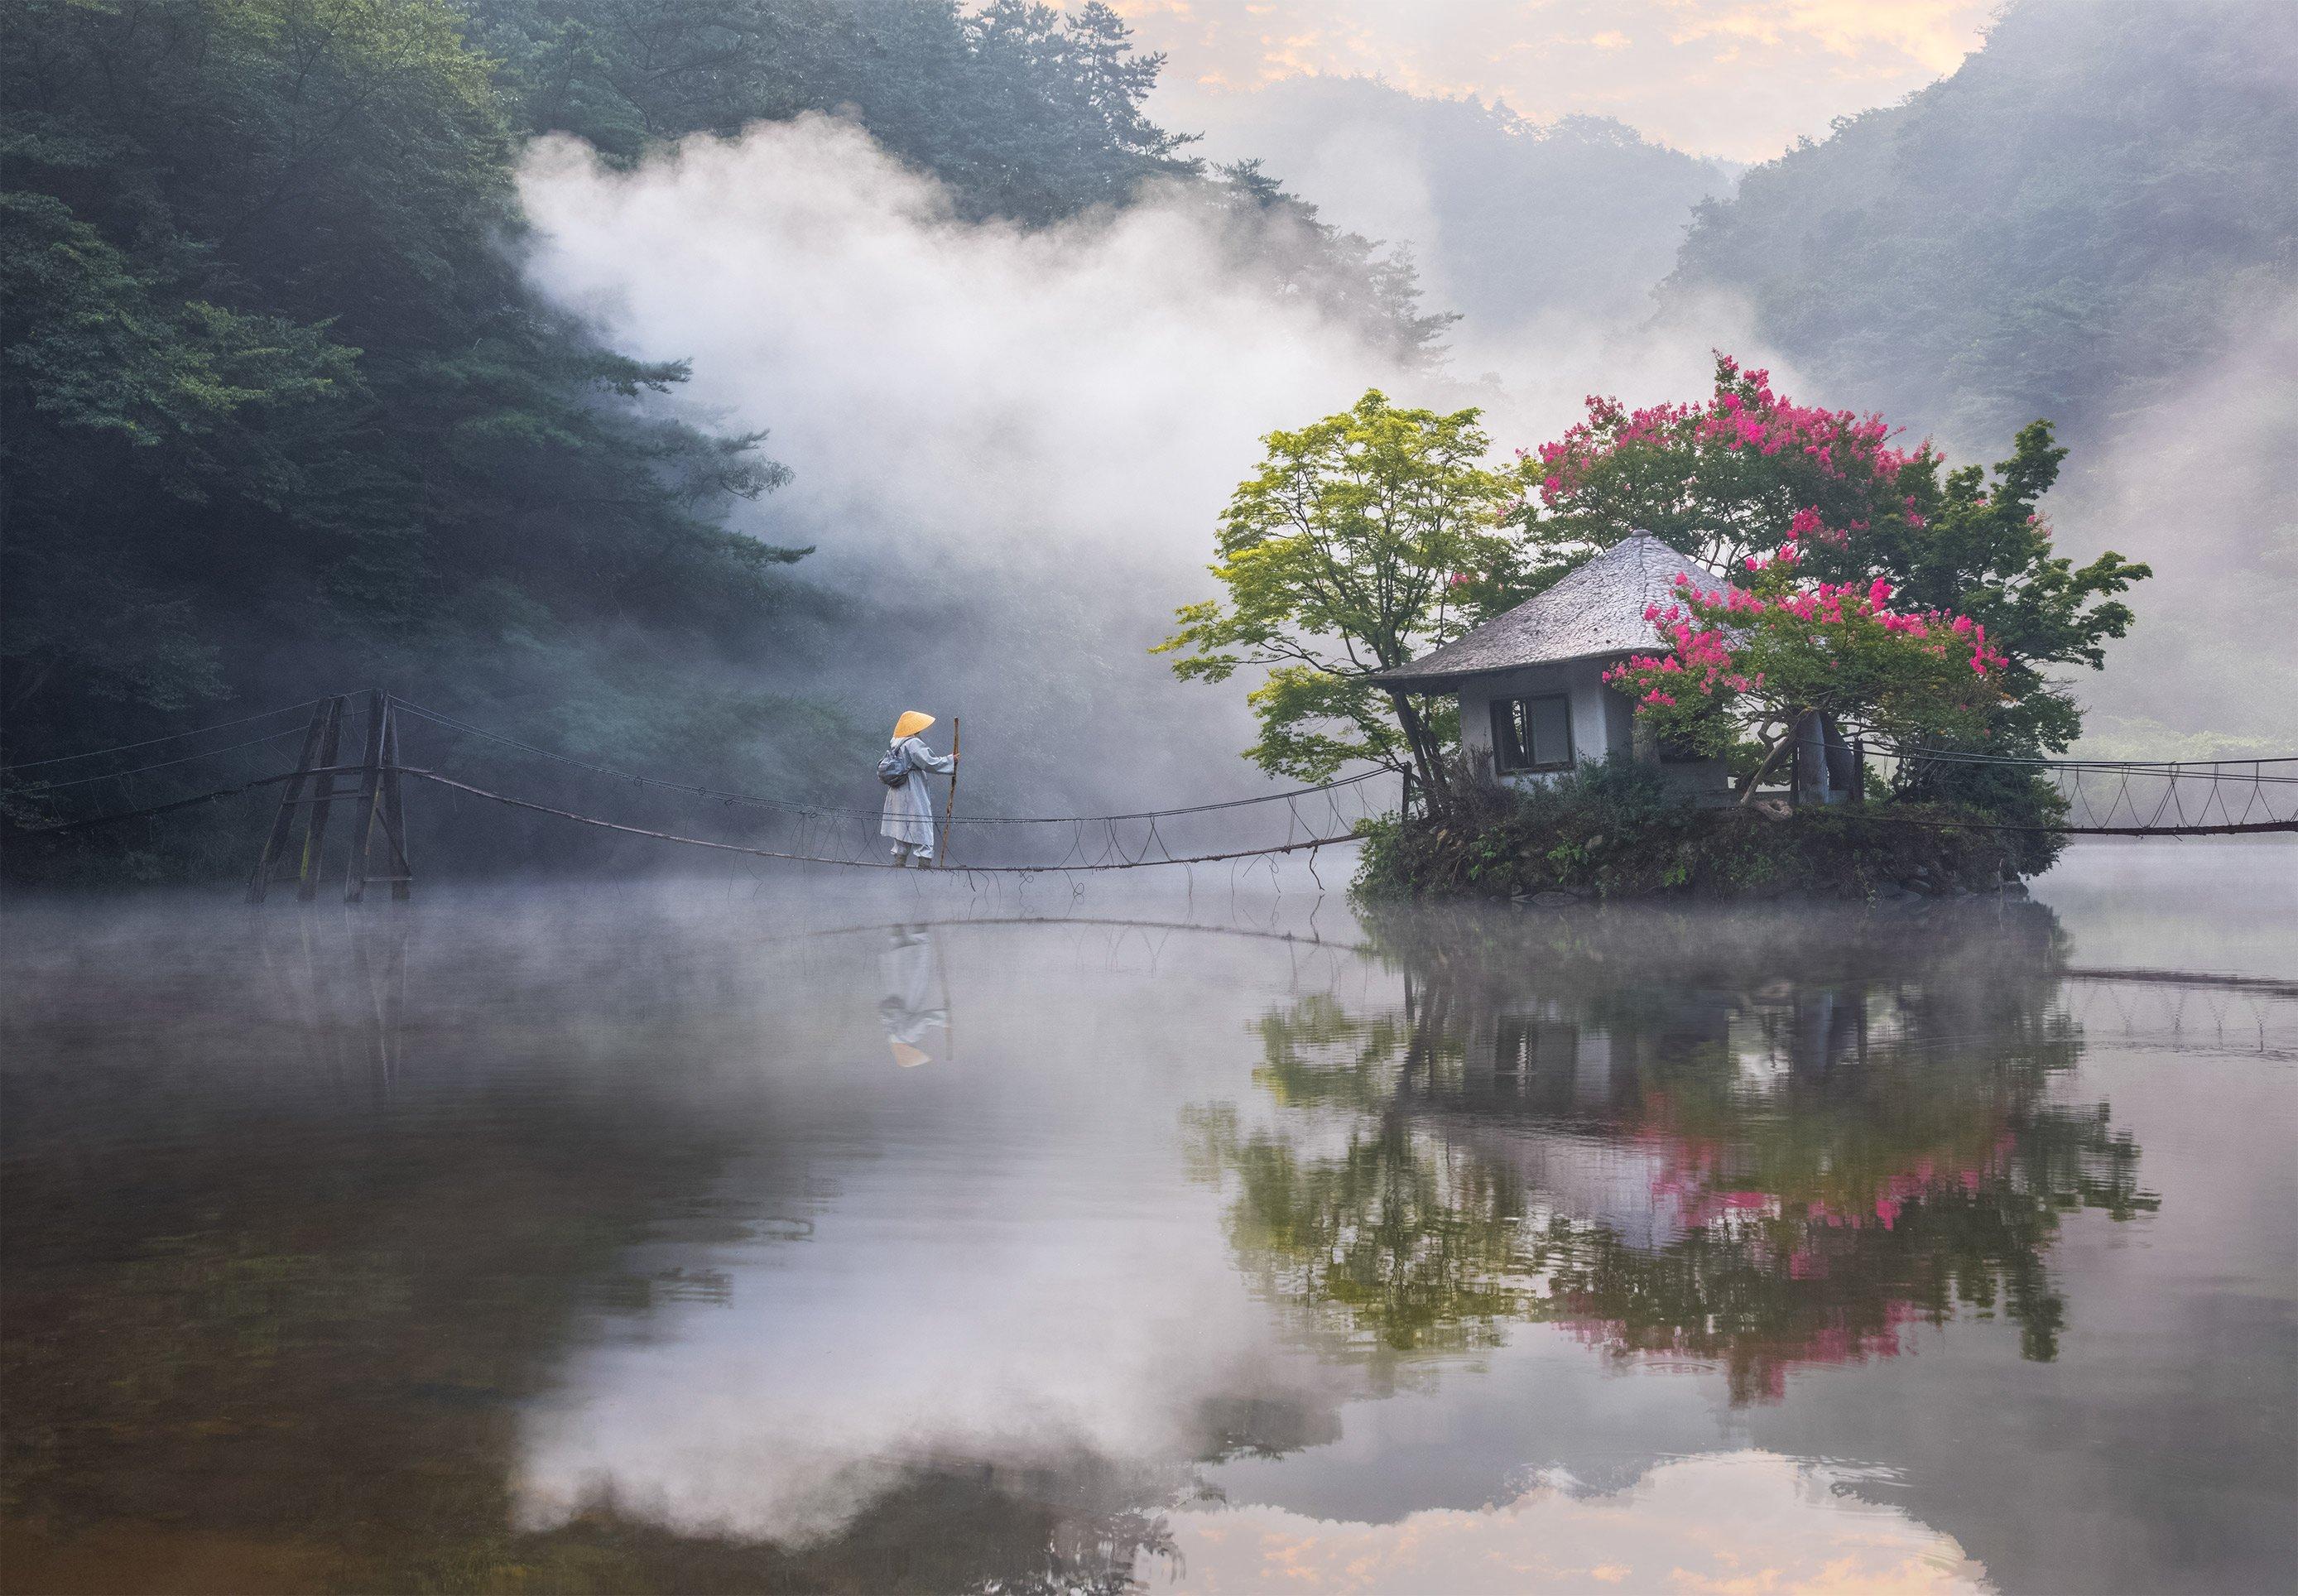 reflection, misty, oriental, magic, fairytale, wizard, korea, 류재윤